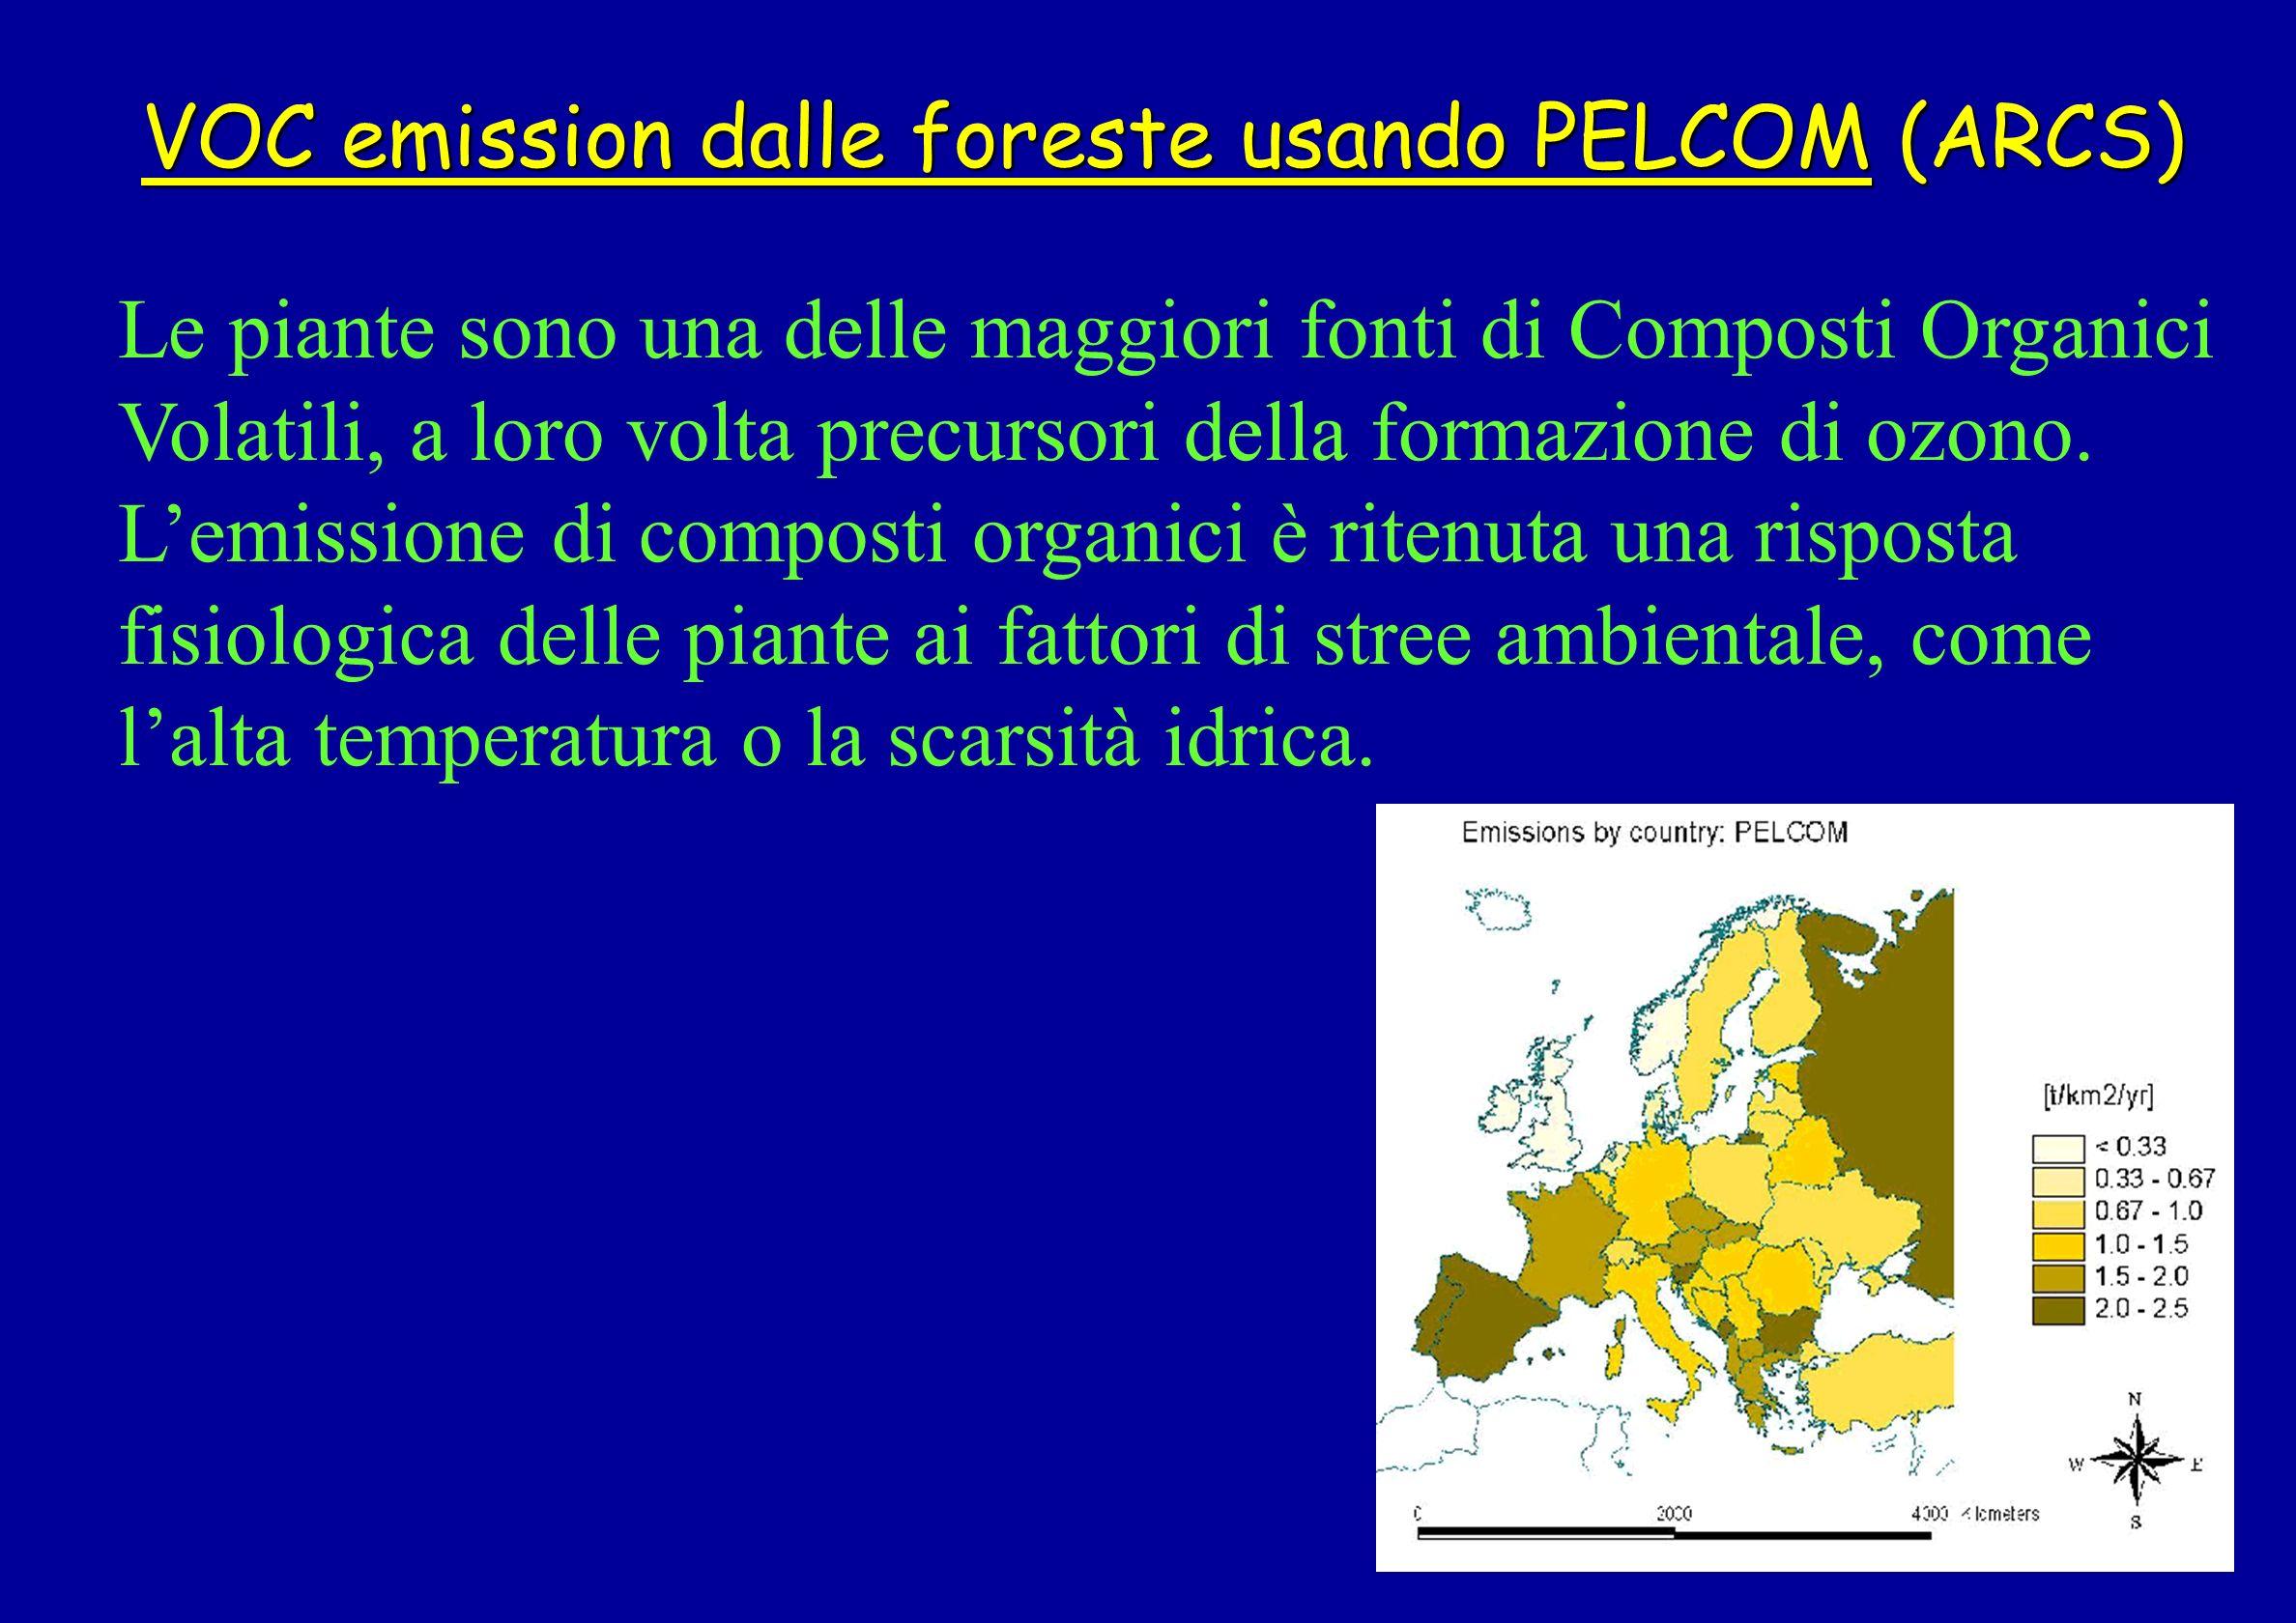 VOC emission dalle foreste usando PELCOM (ARCS)